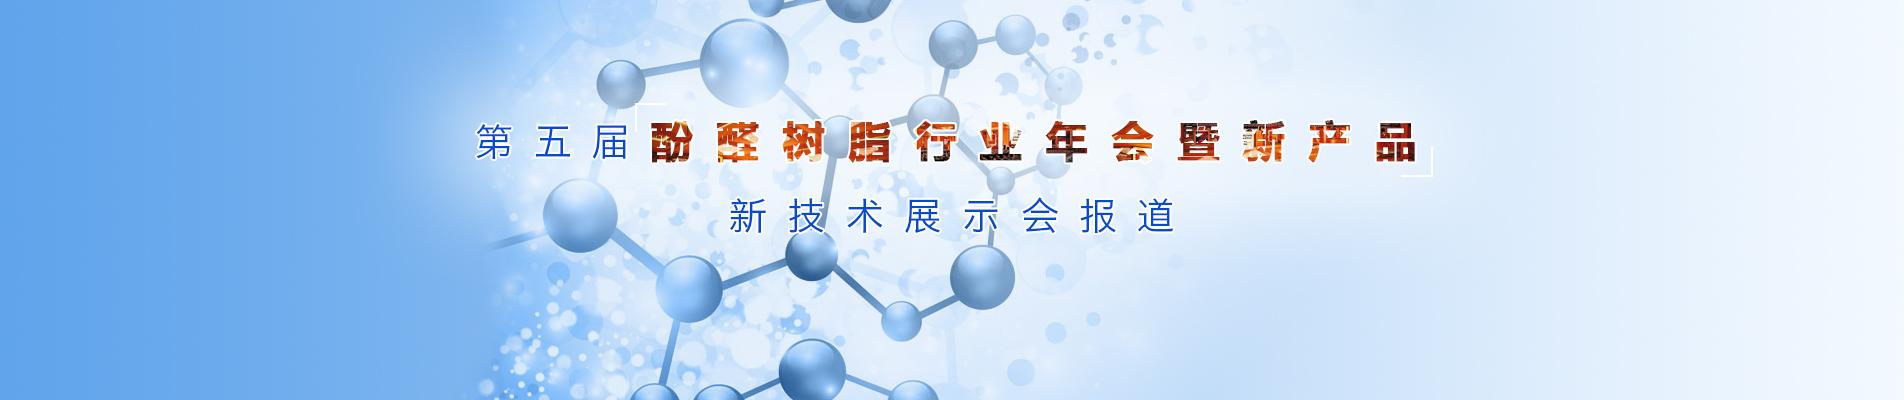 第五届酚醛树脂行业年会暨新产品、新技术展示会报道